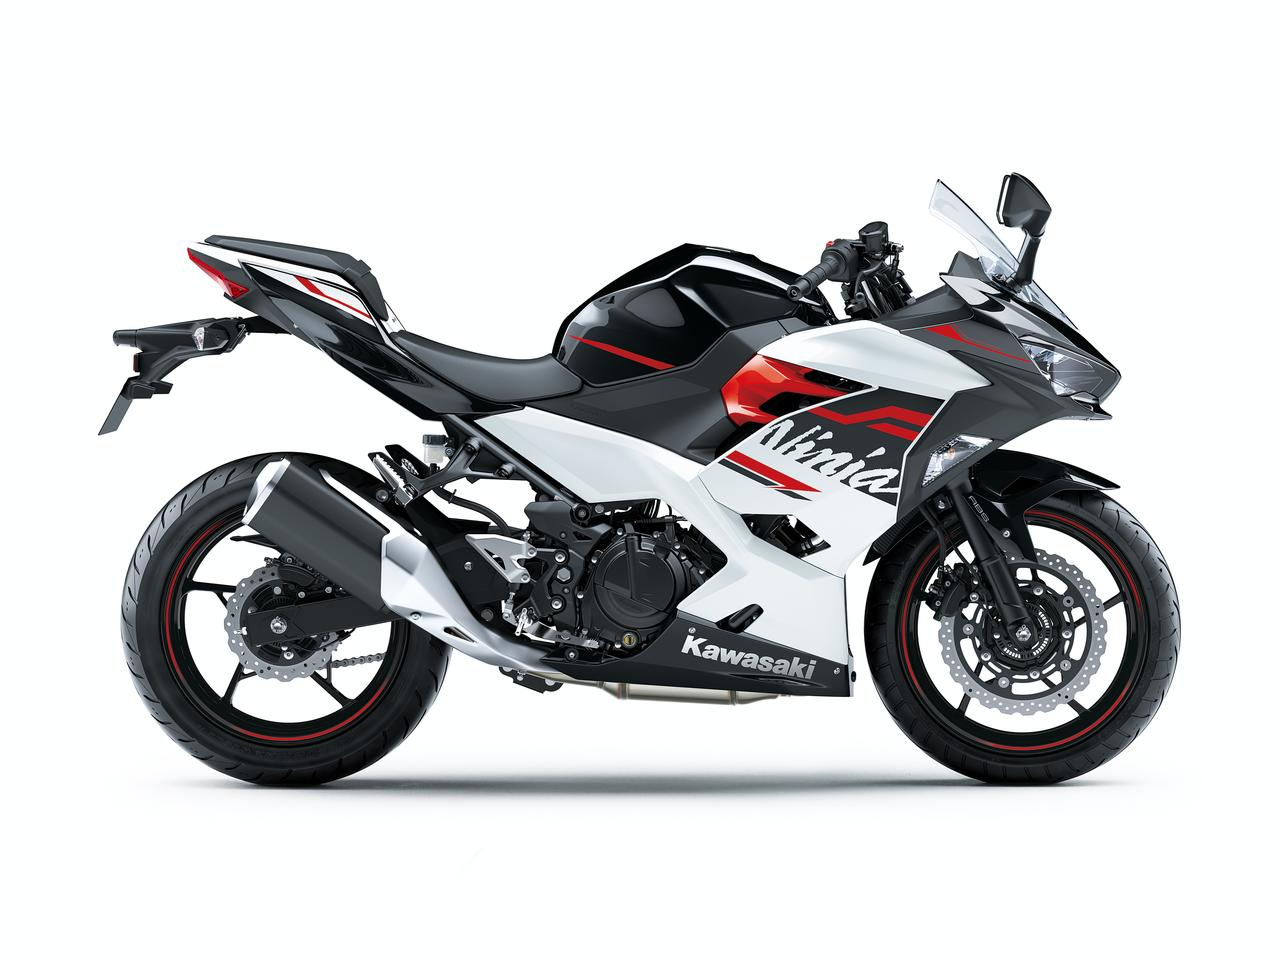 カワサキ「Ninja250」の2020年モデルは、Ninja400とそっくり!「Ninja 250 KRT EDITION」も合わせて9月1日(日)に発売!